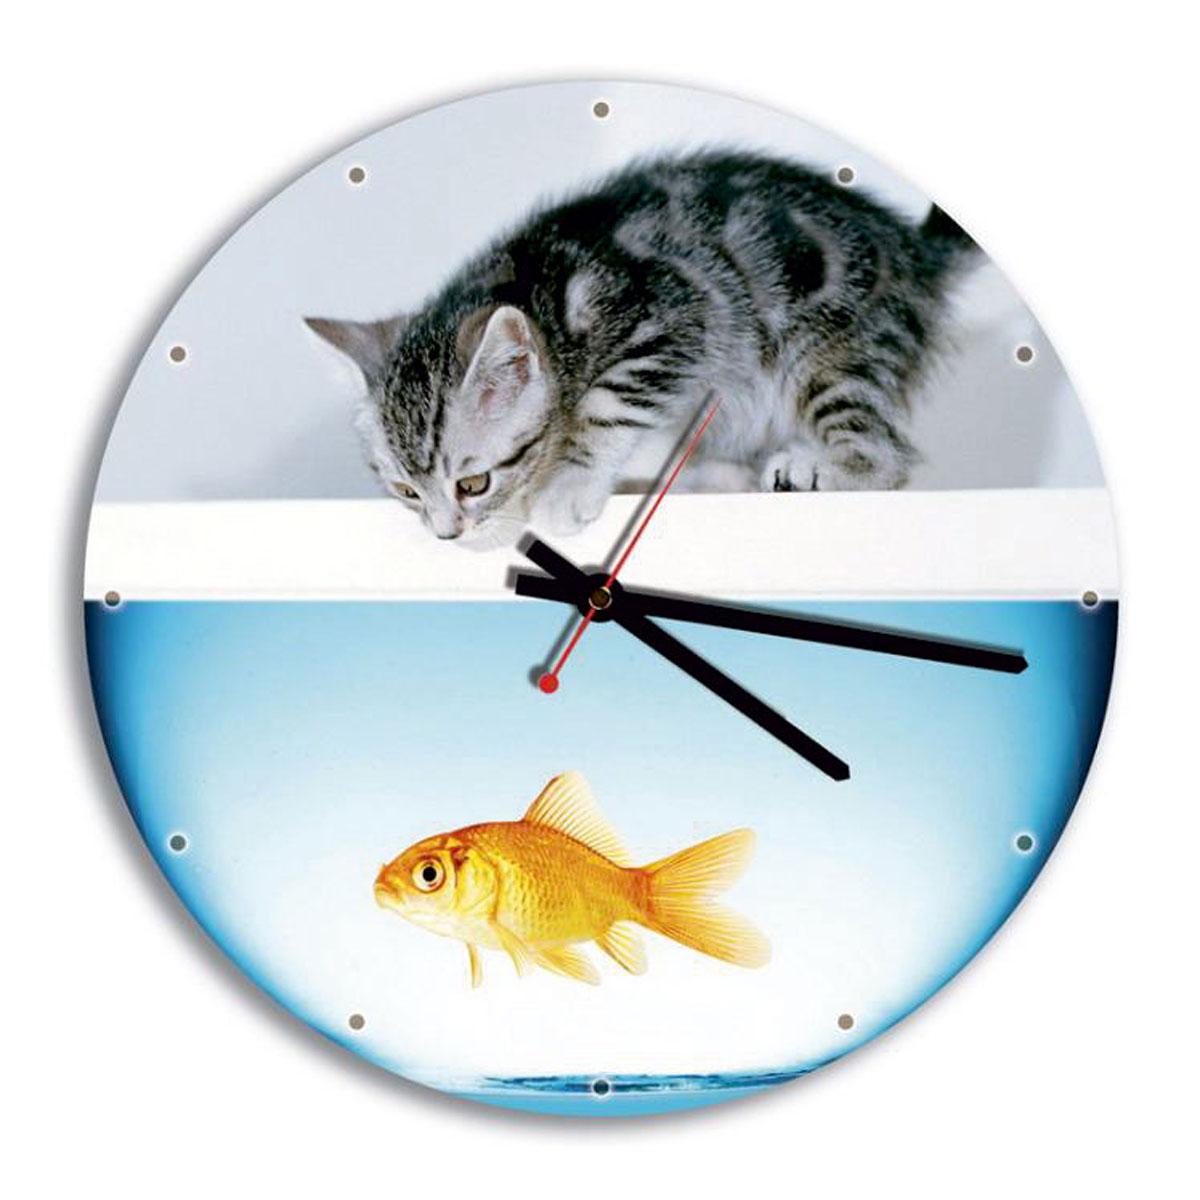 Часы настенные Miolla АквариумСК011 2085Оригинальные настенные часы круглой формы Miolla Аквариум выполнены из закаленного стекла. Часы имеют три стрелки - часовую, минутную и секундную. Необычное дизайнерское решение и качество исполнения придутся по вкусу каждому. Оформите свой дом таким интерьерным аксессуаром или преподнесите его в качестве презента друзьям, и они оценят ваш оригинальный вкус и неординарность подарка. Часы работают от 1 батарейки типа АА напряжением 1,5 В. Диаметр часов: 28 см.